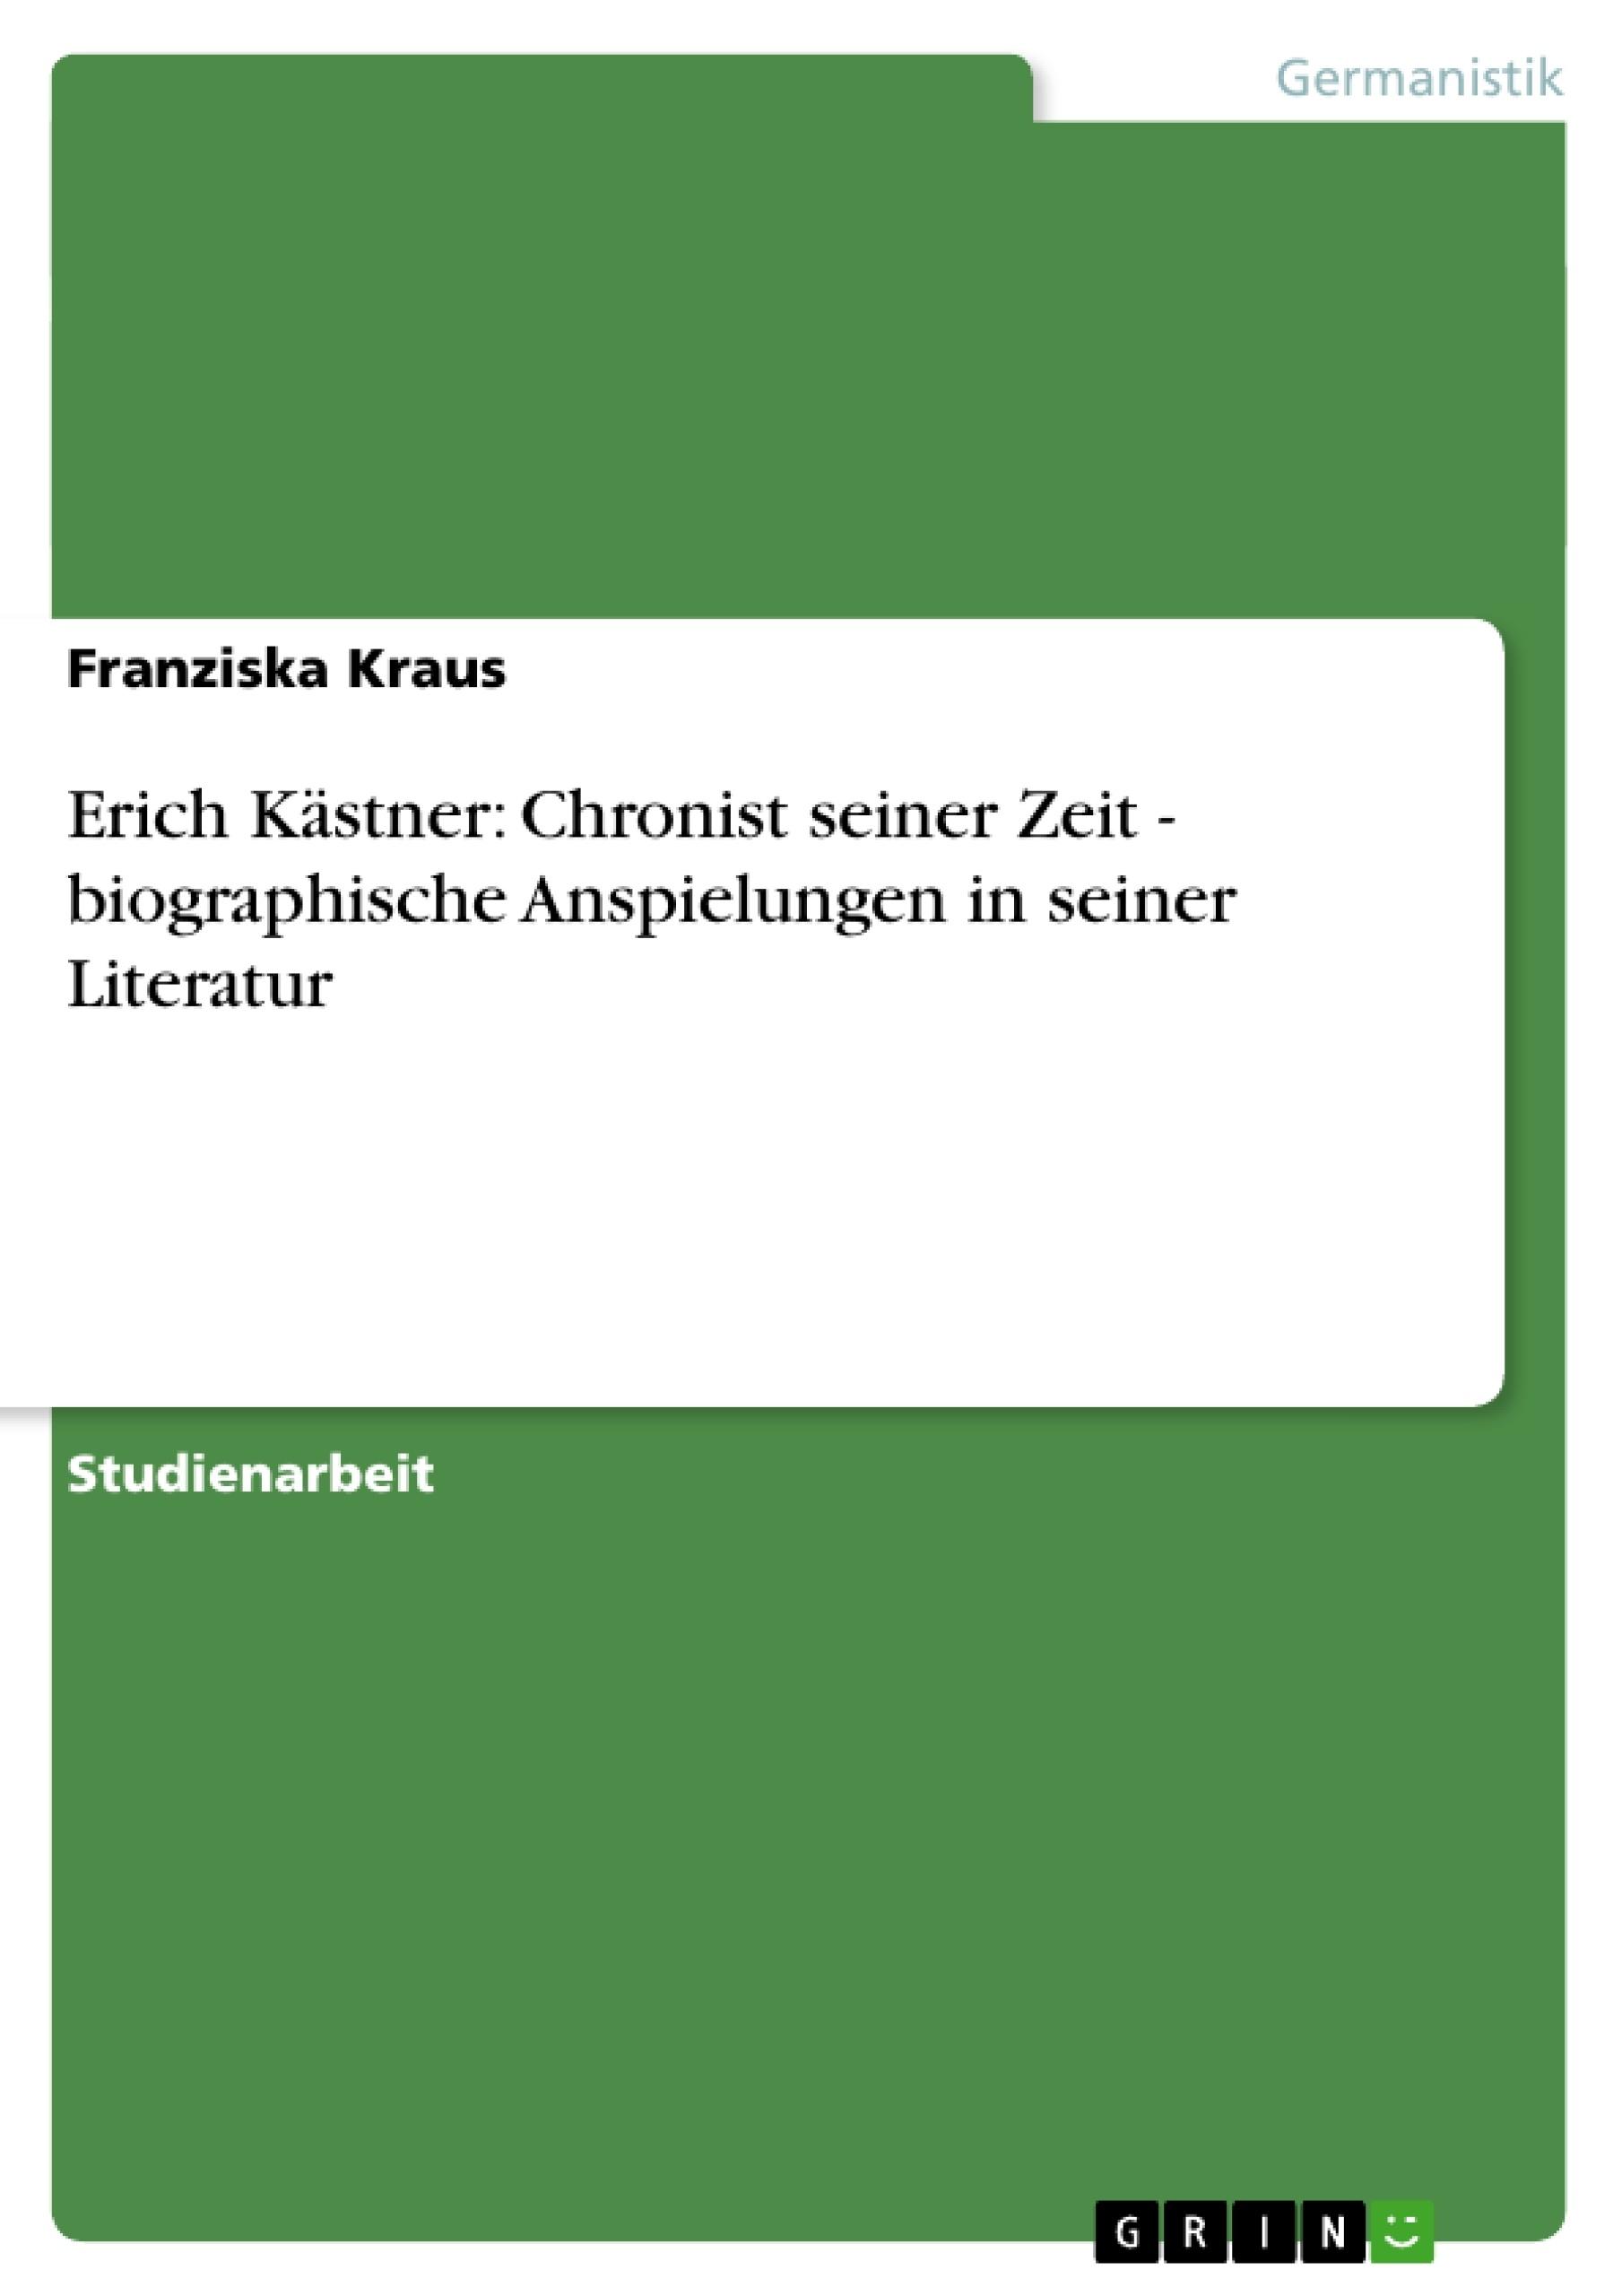 Titel: Erich Kästner: Chronist seiner Zeit - biographische Anspielungen in seiner Literatur